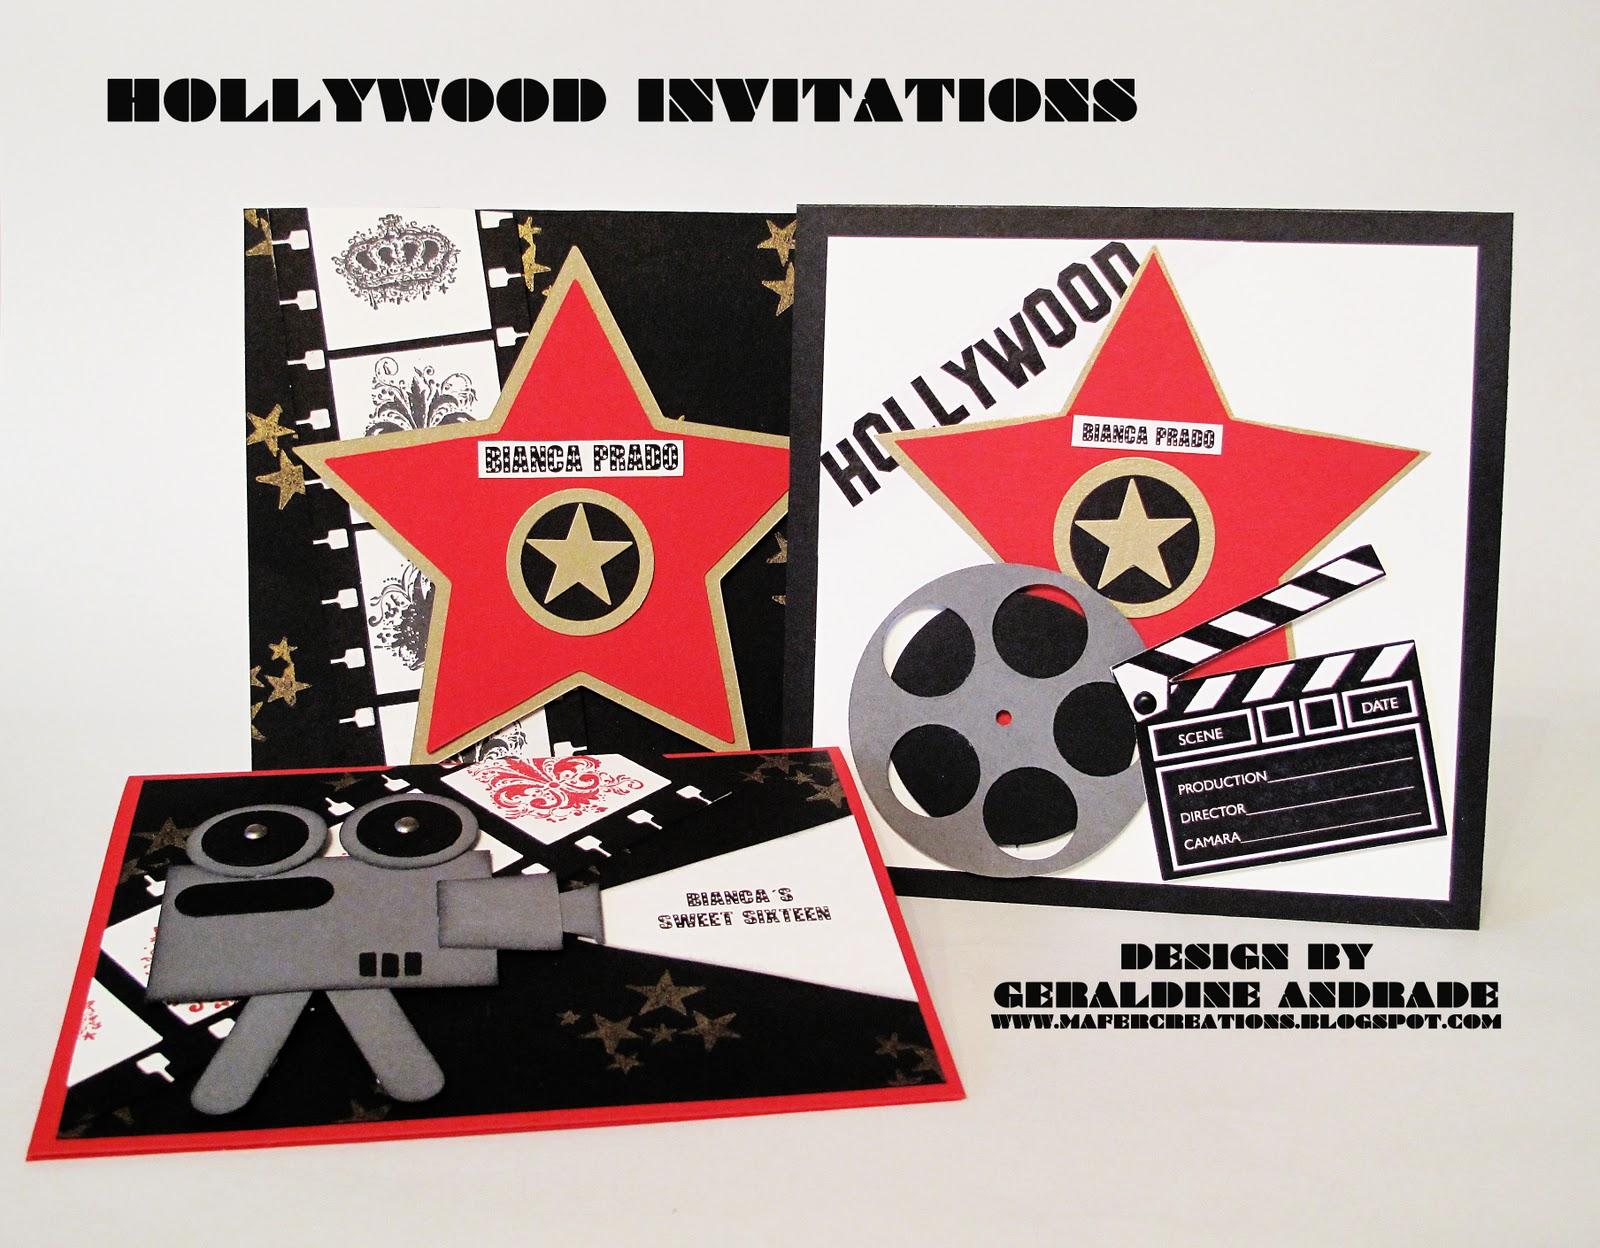 Mafer S Creations Tarjetas De Invitacion Al Estilo Hollywood